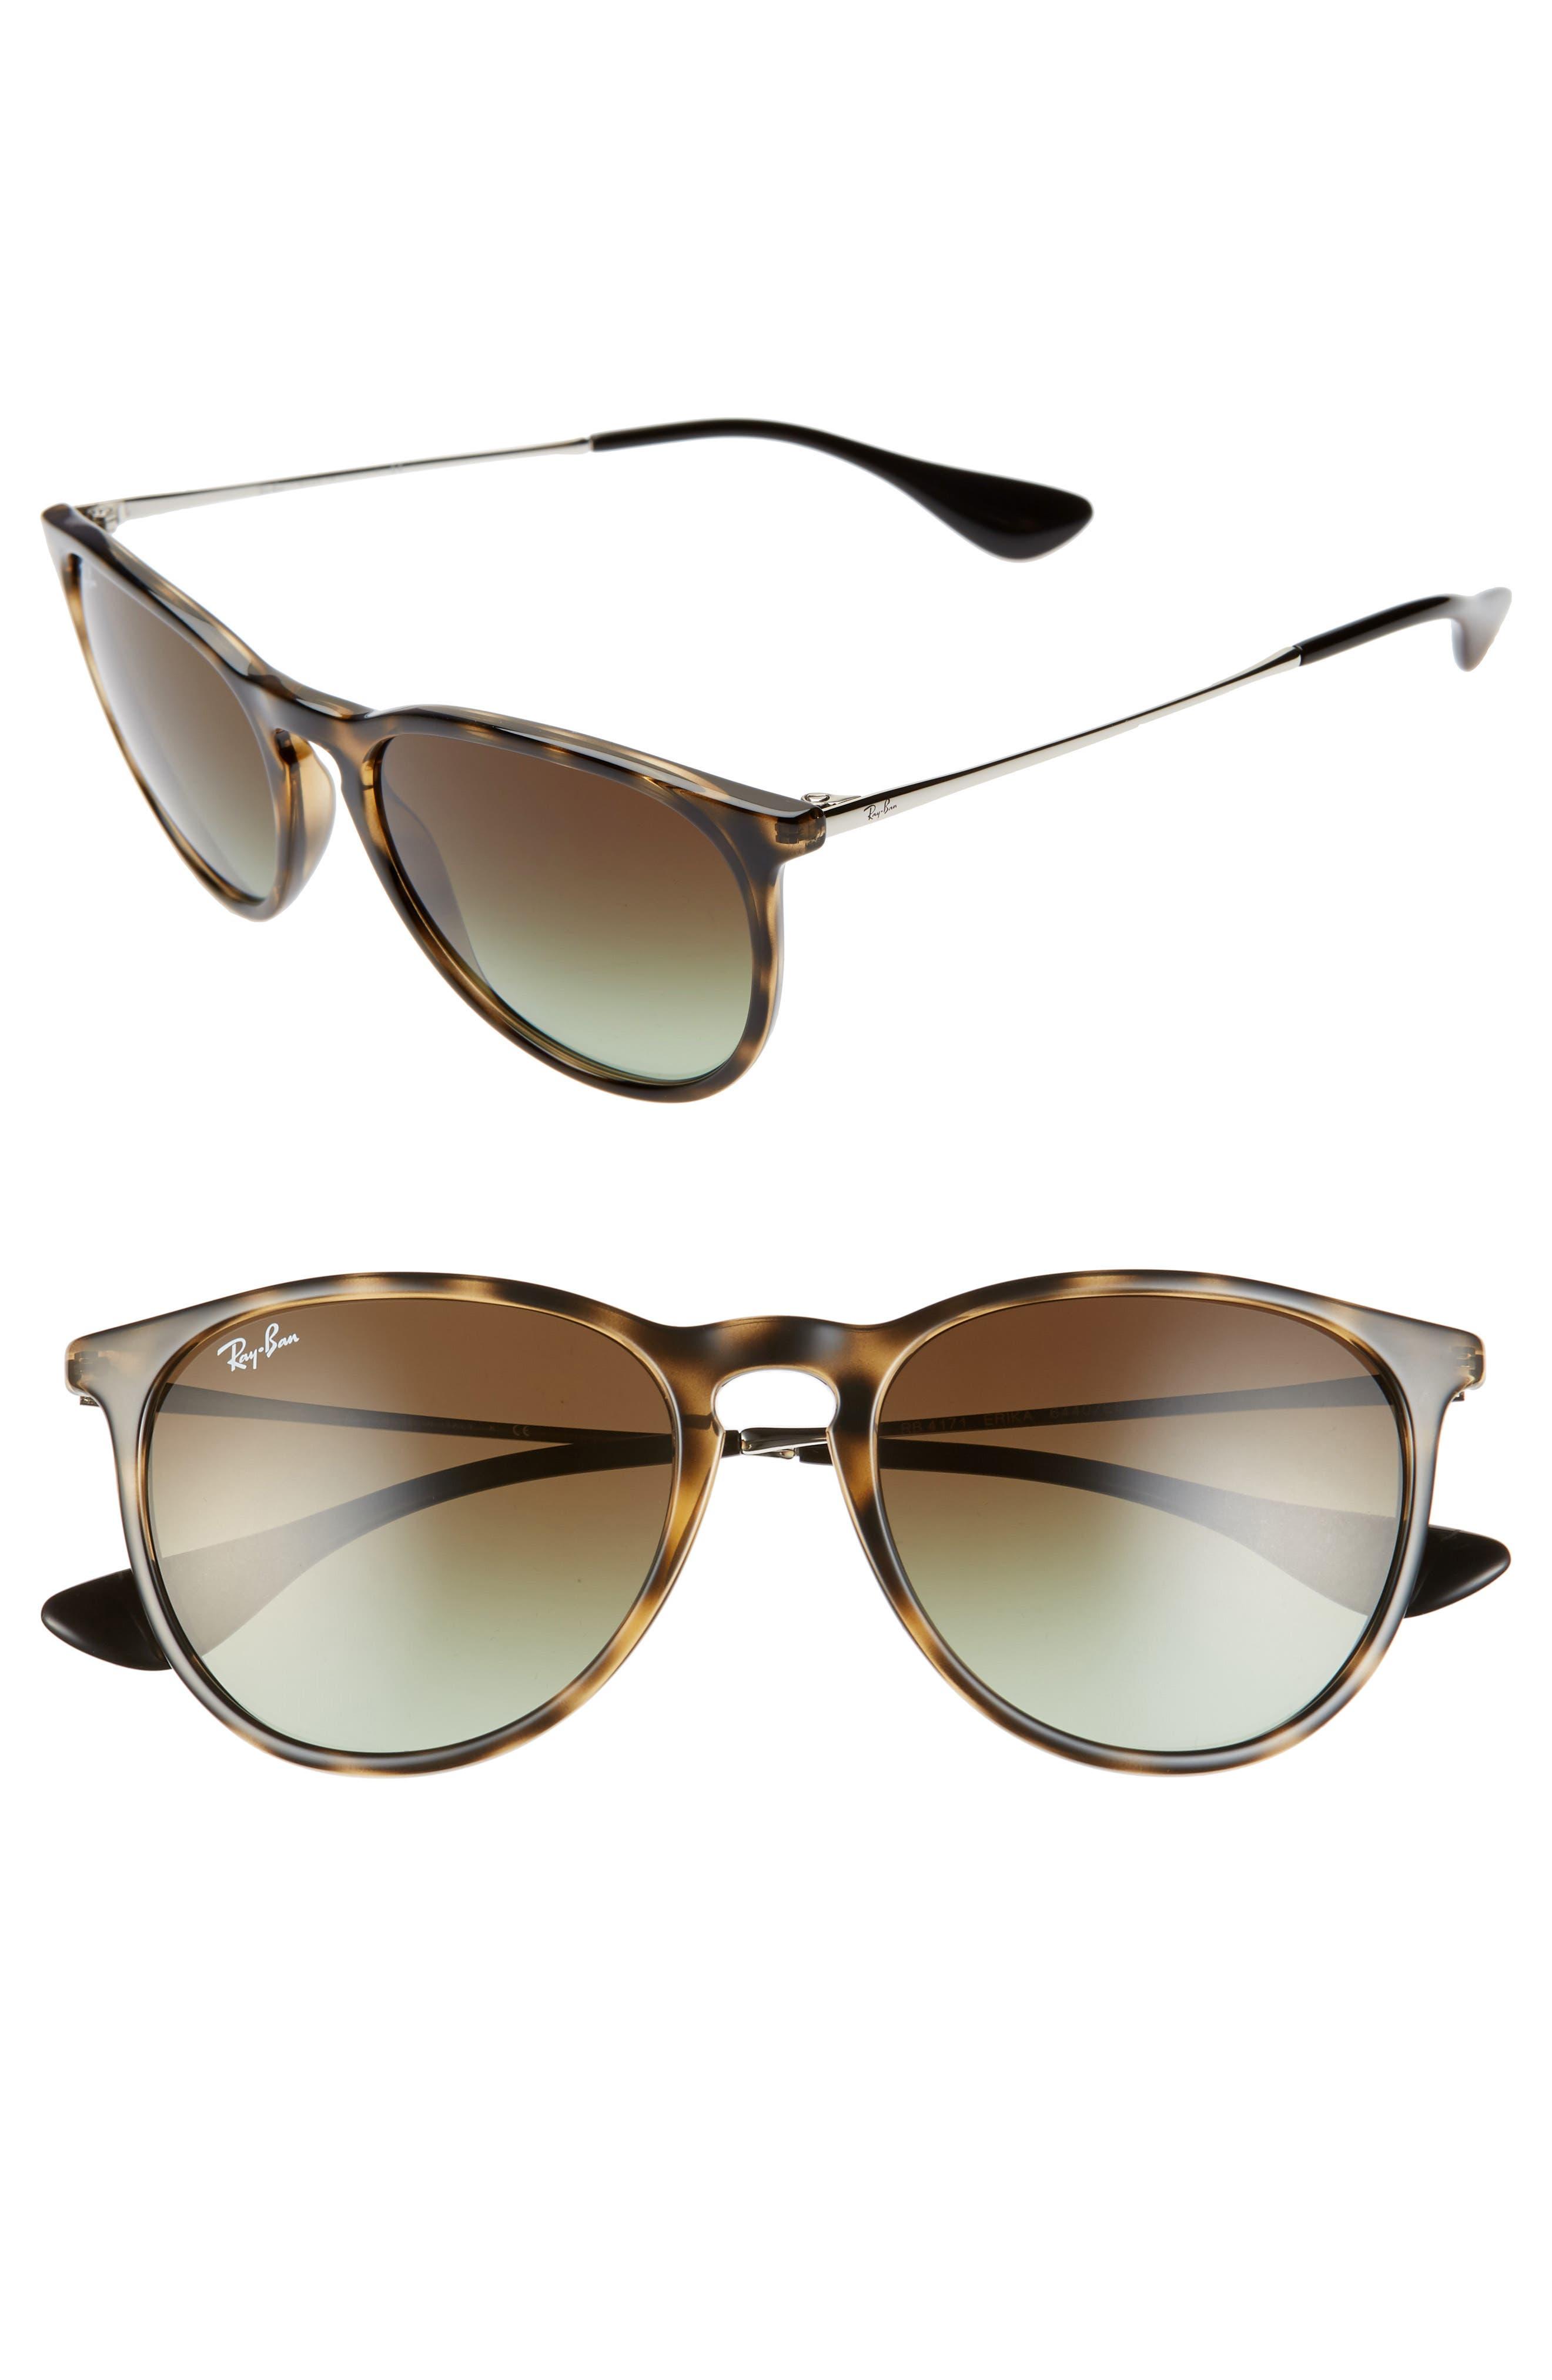 b3f138a140e6 Women's Sunglasses - Ray-Ban